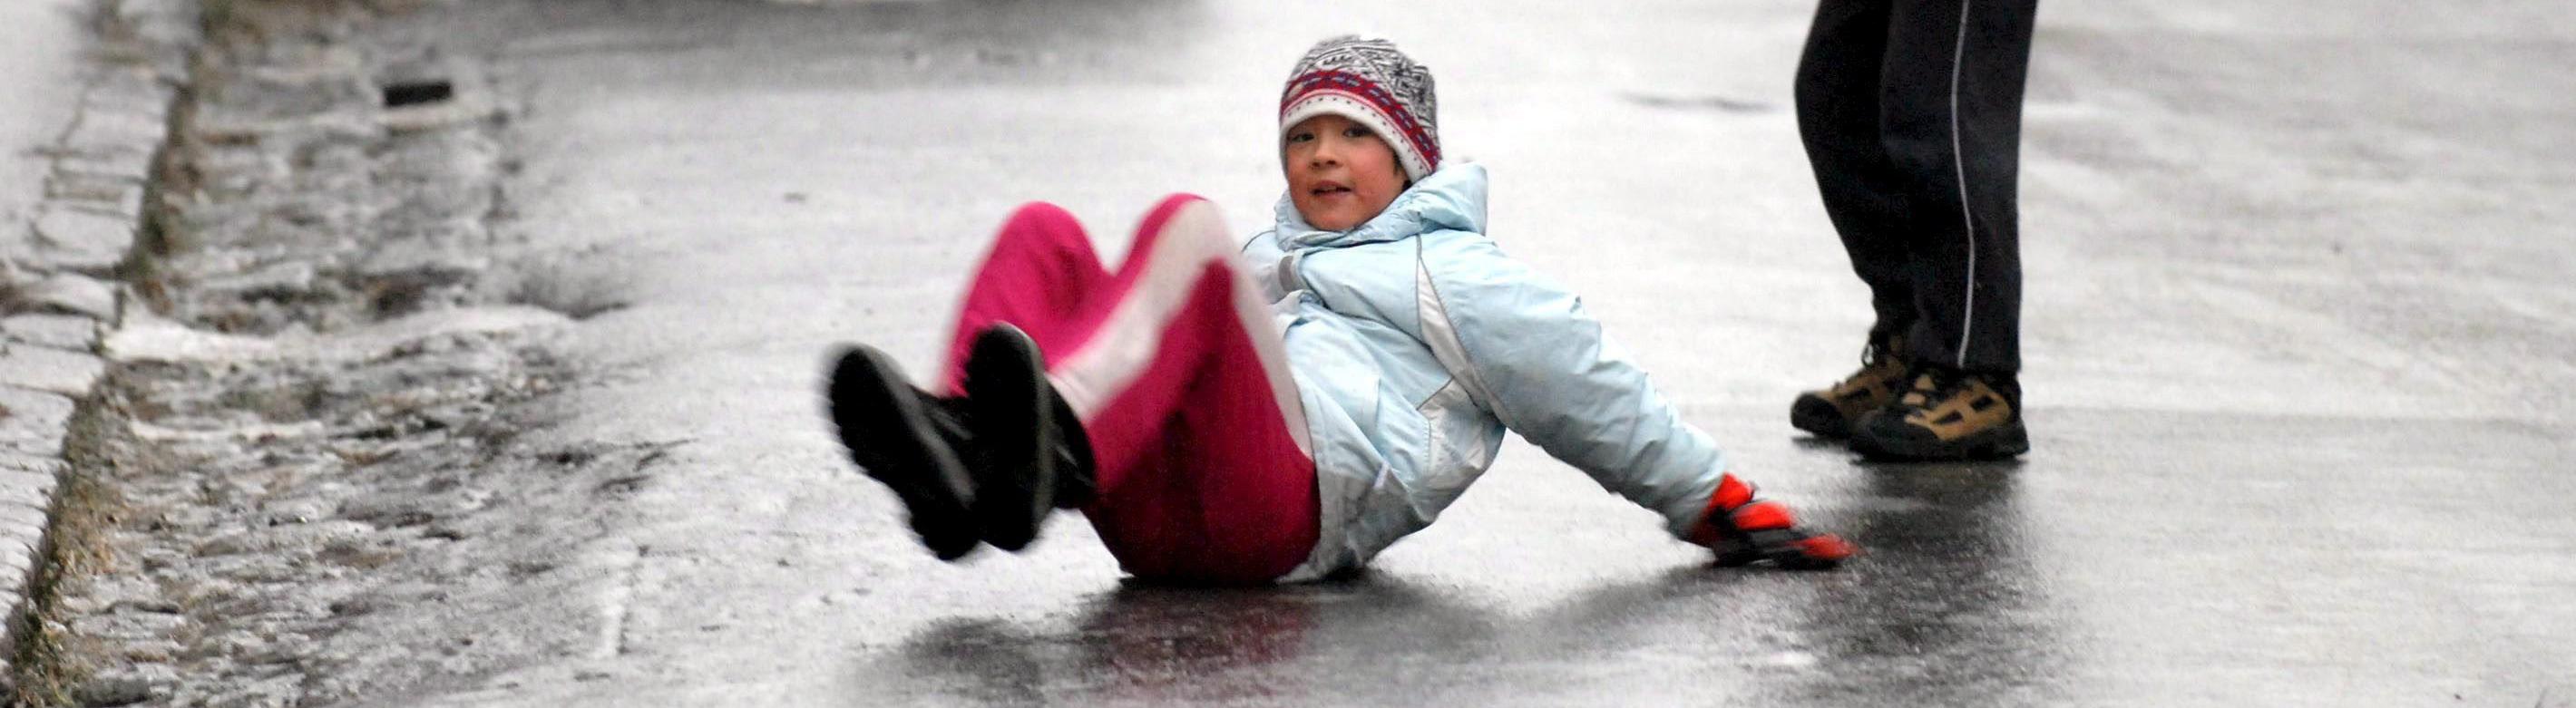 Kinder schlittern über eine gefrorene Straße.